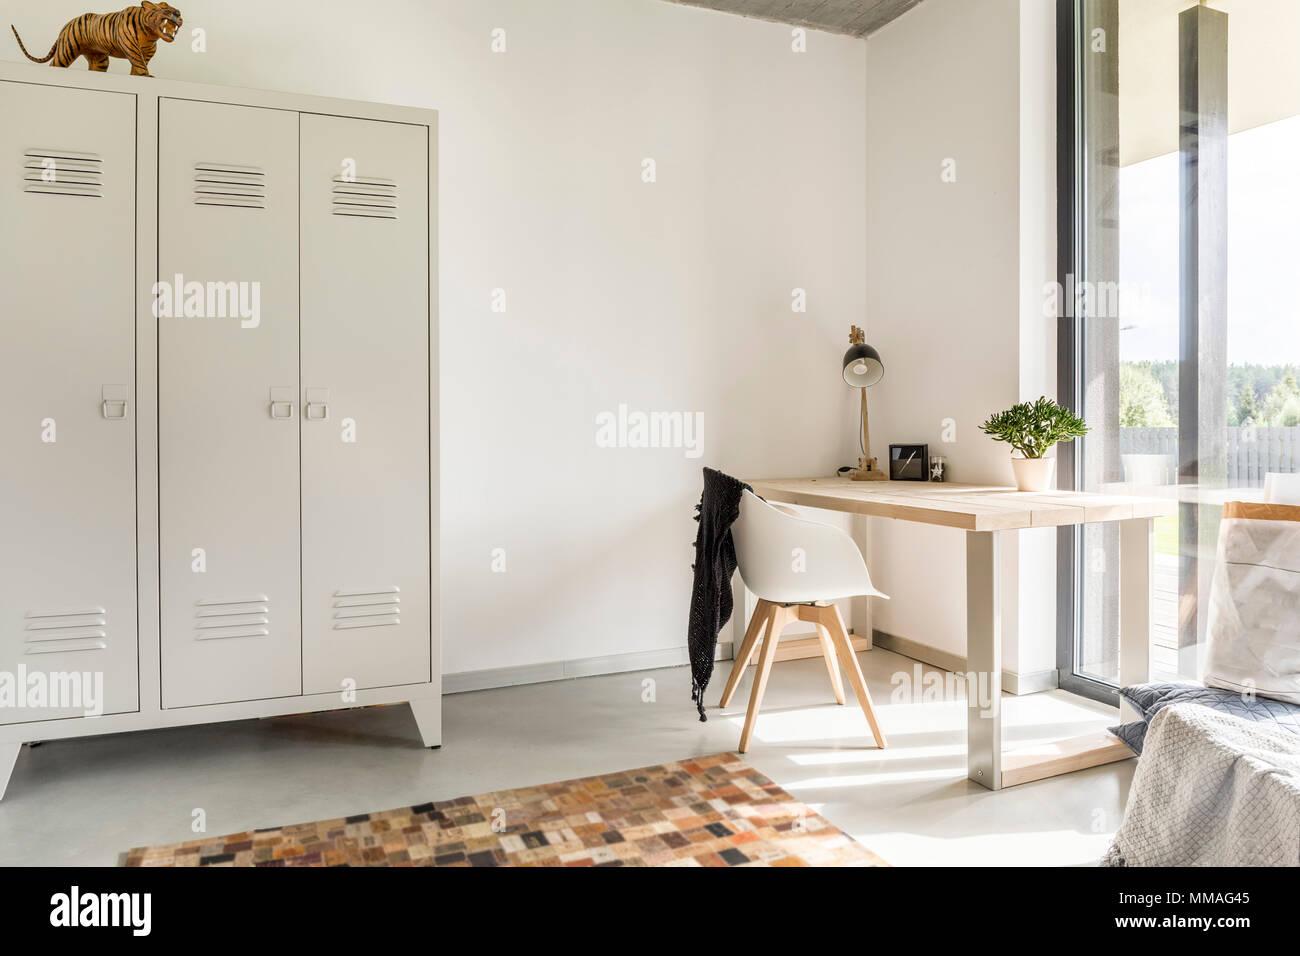 Weiss Home Interior Mit Metall Kleiderschrank Schreibtisch Und